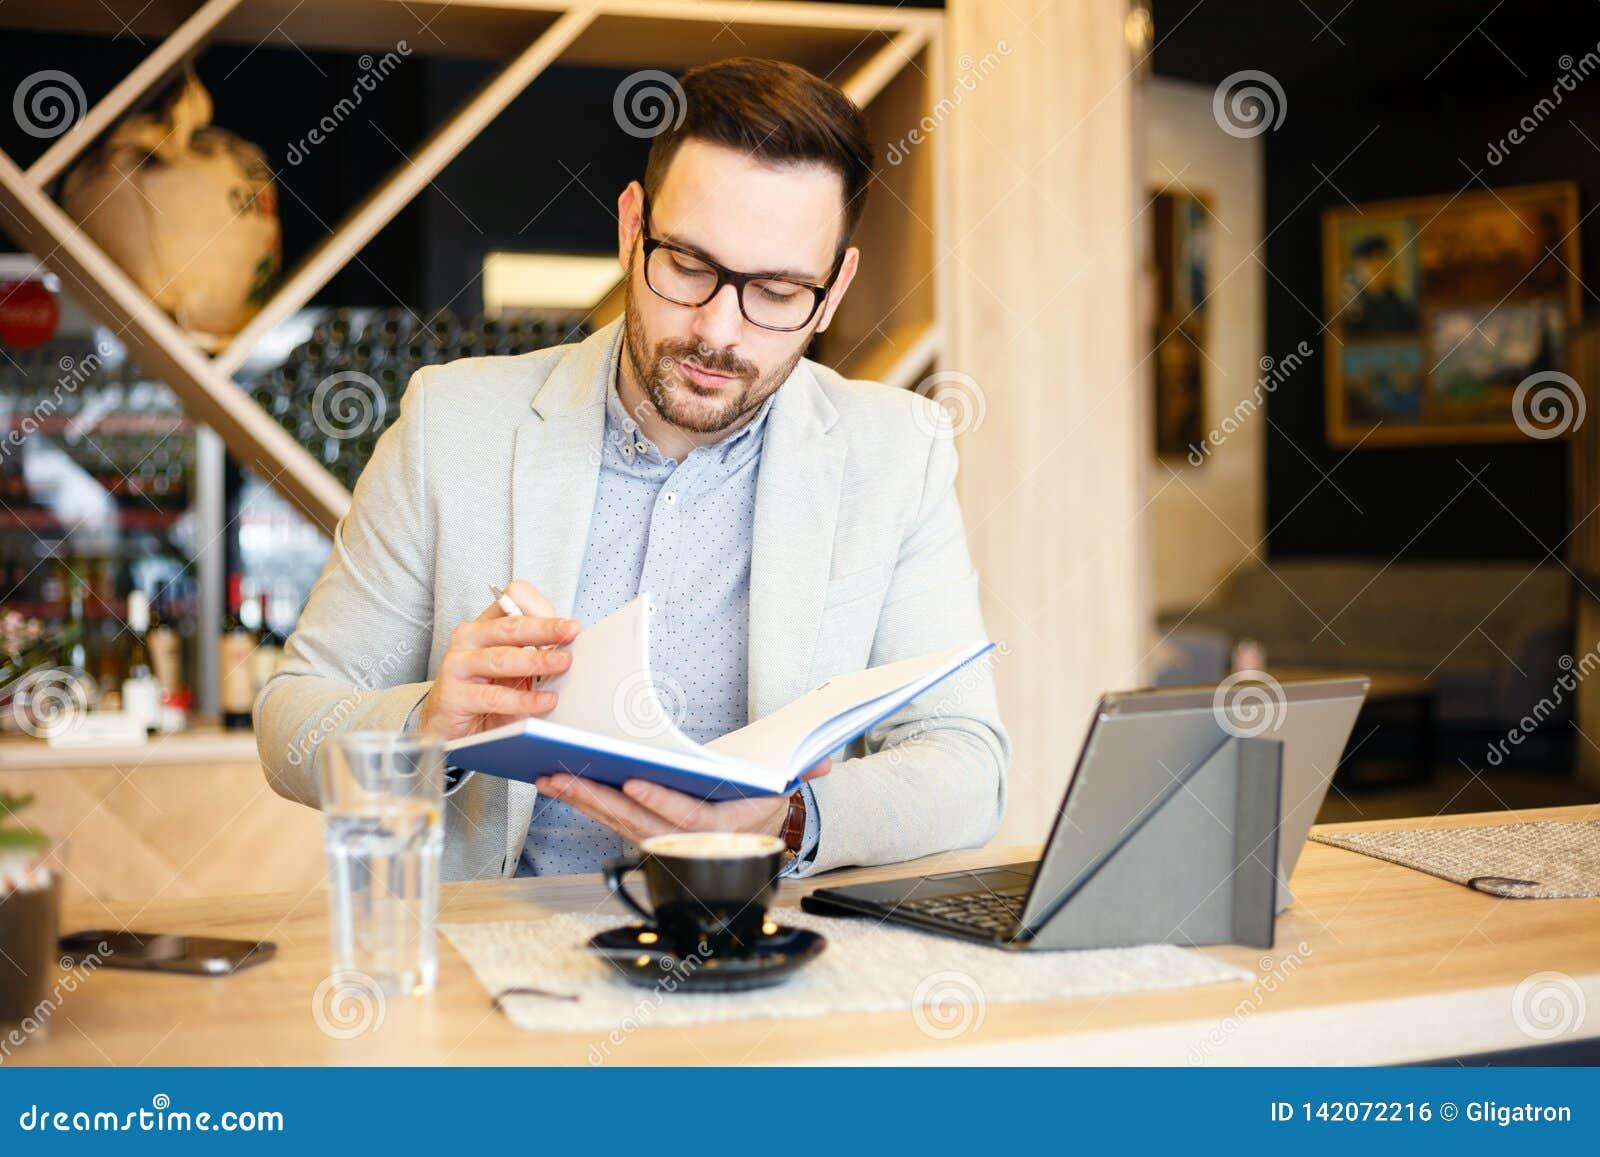 Молодой бизнесмен проверяя ежедневную повестку дня в блокноте пока сидящ в современной кофейне